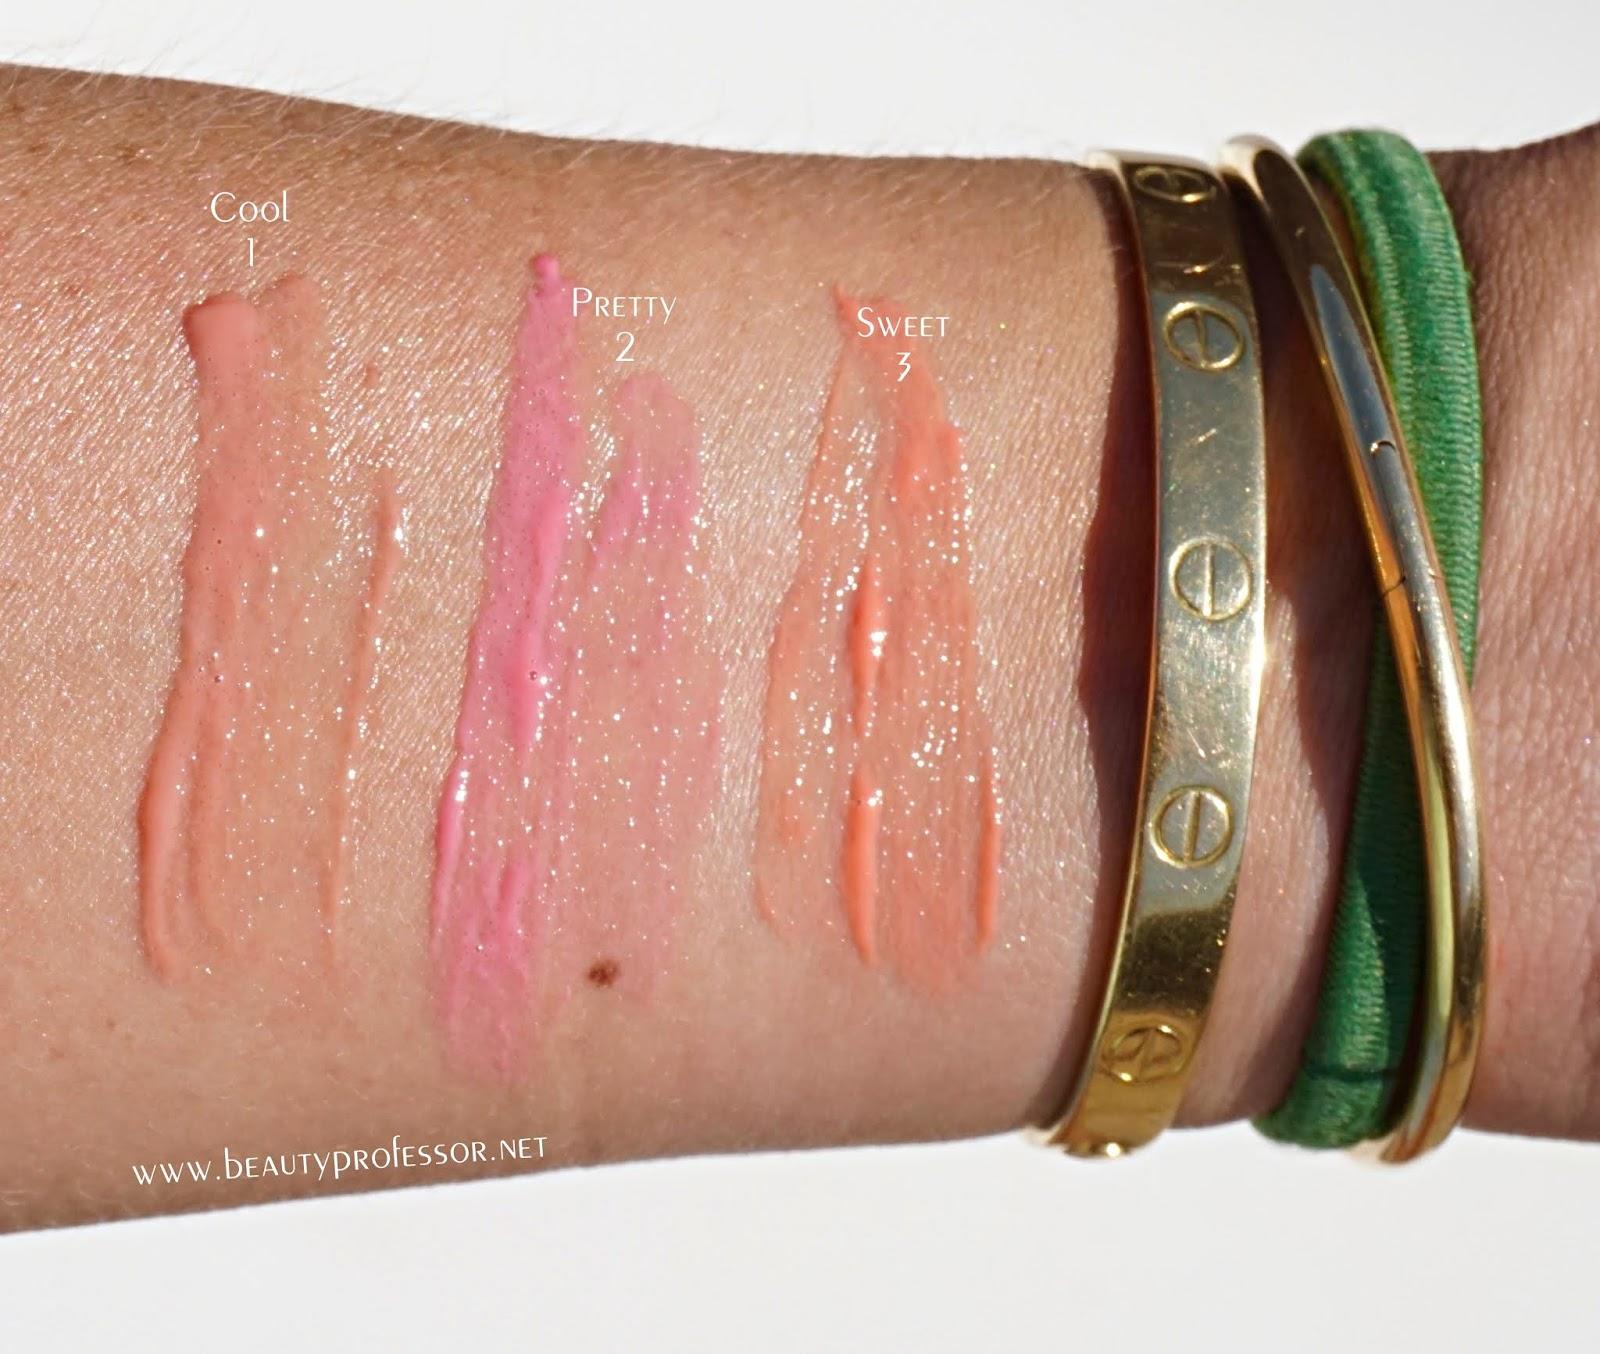 sisley lip delight swatches